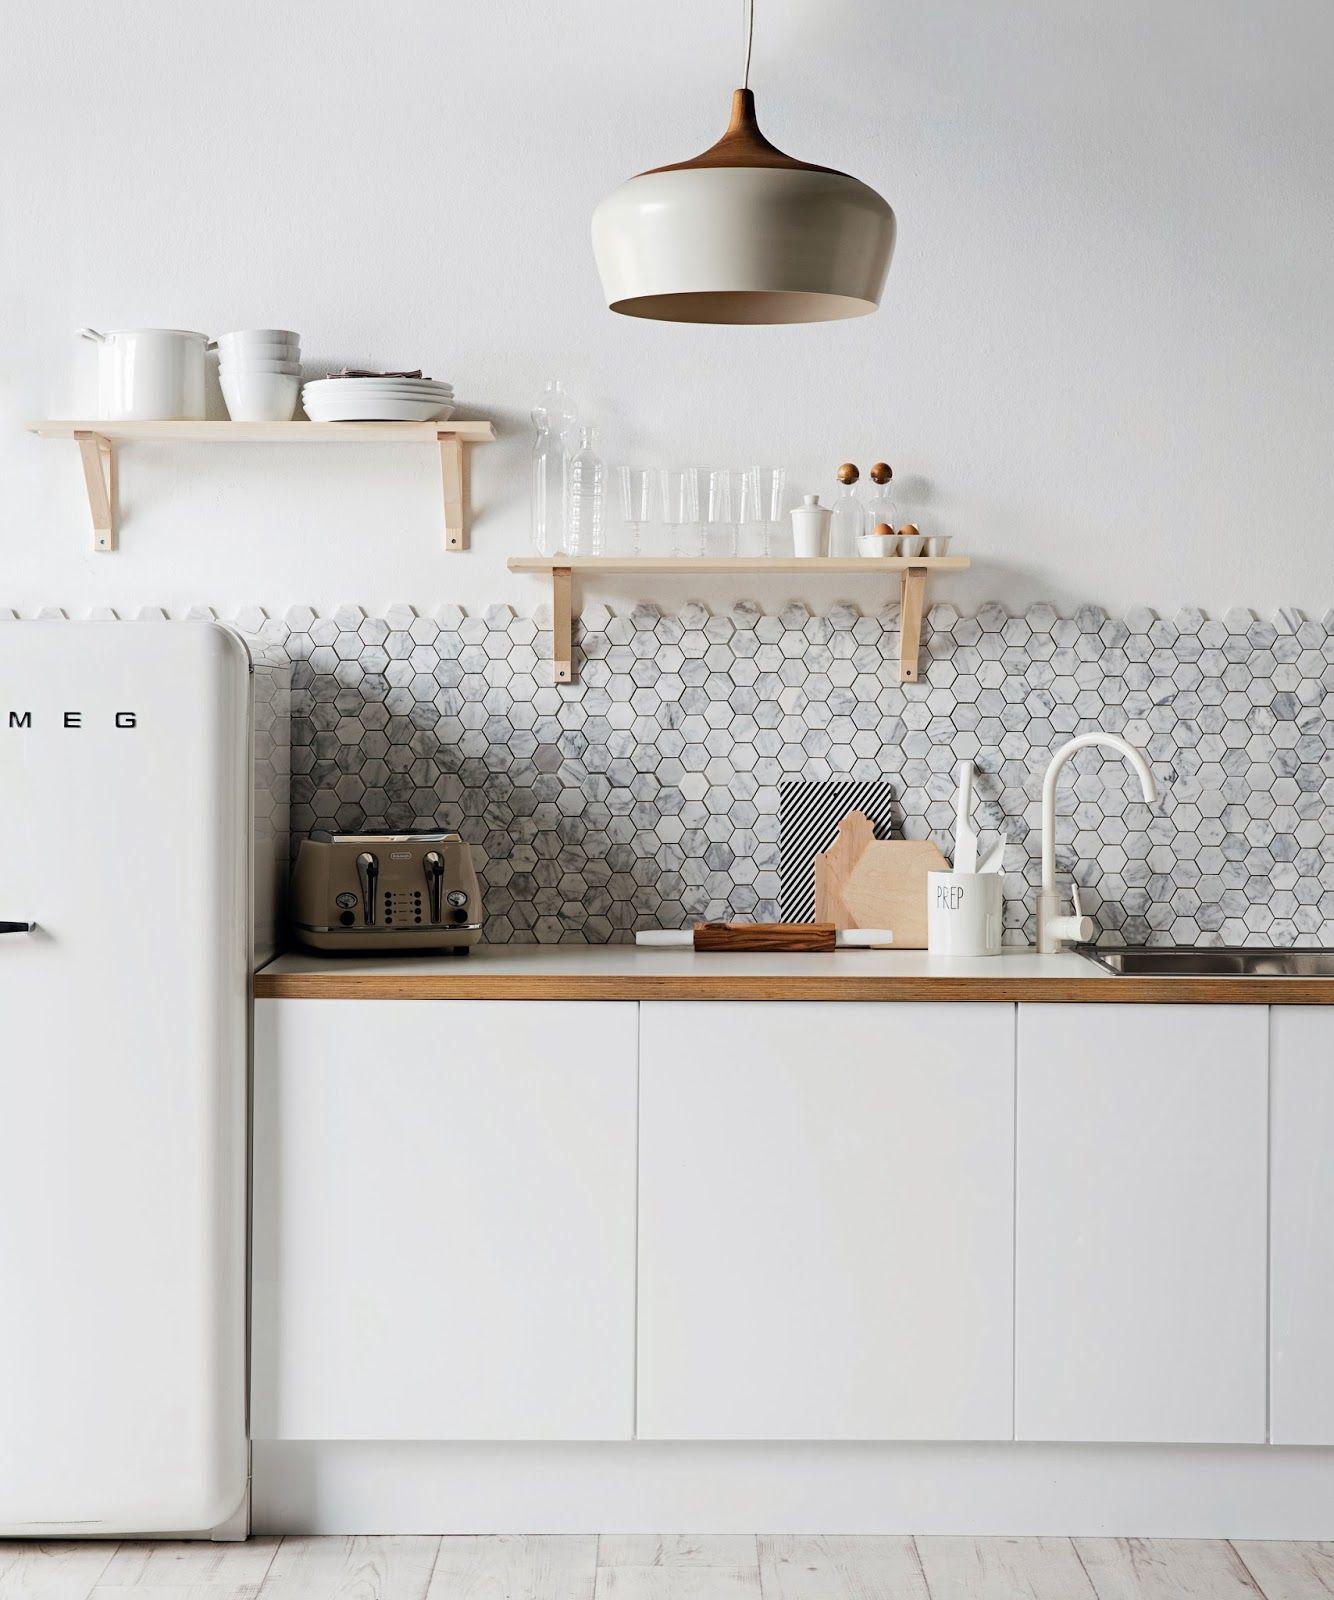 Кухня оформлена в едином светлом дизайне